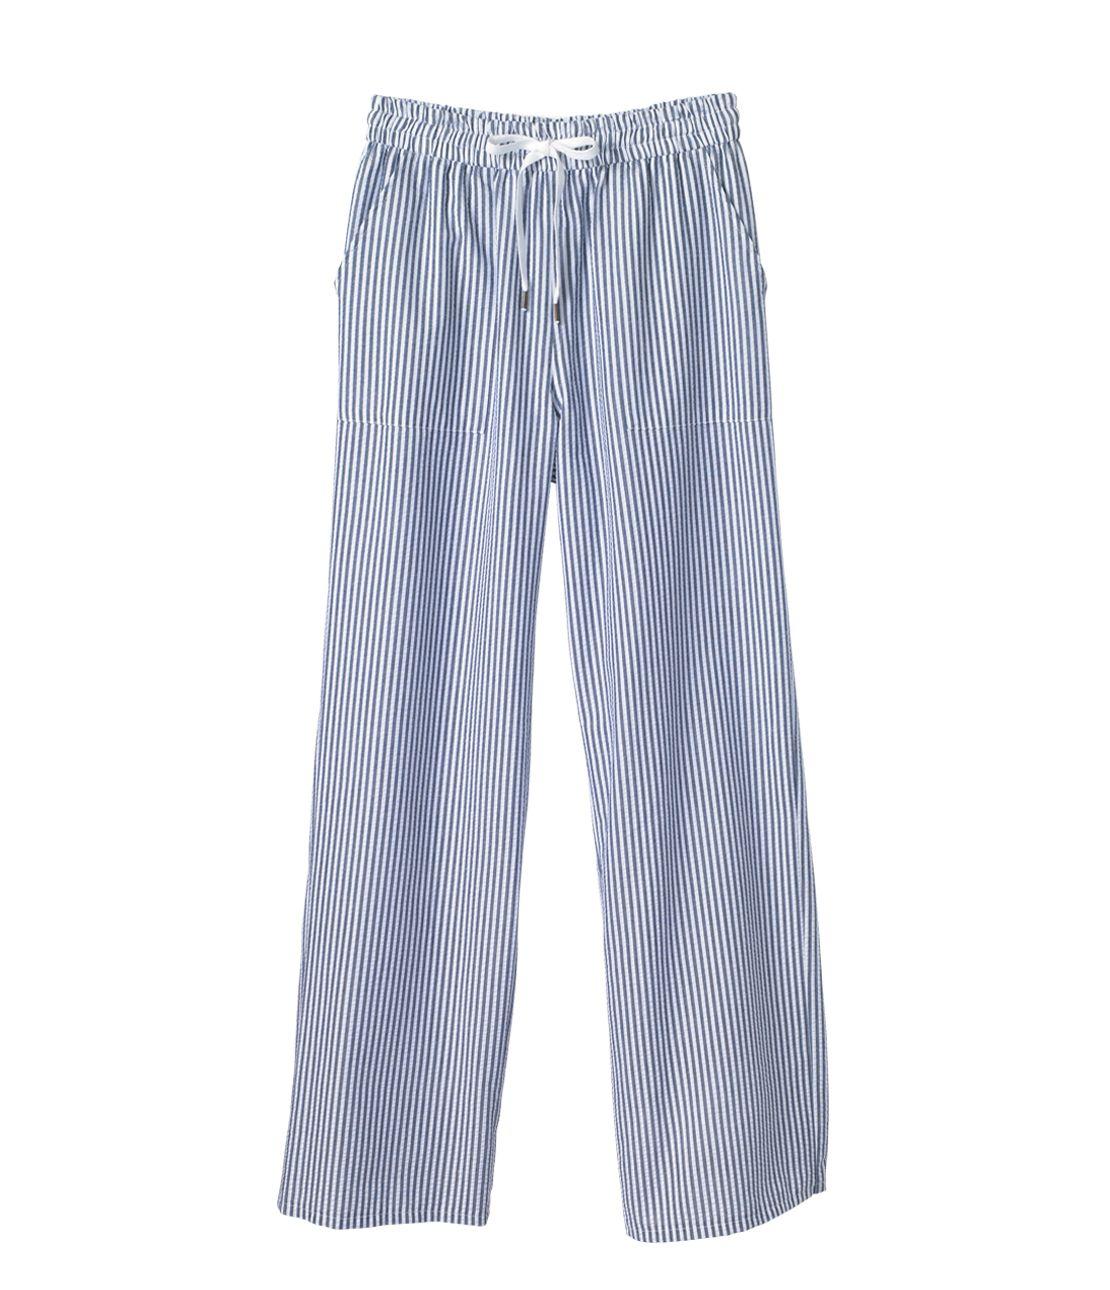 Soccer long pants